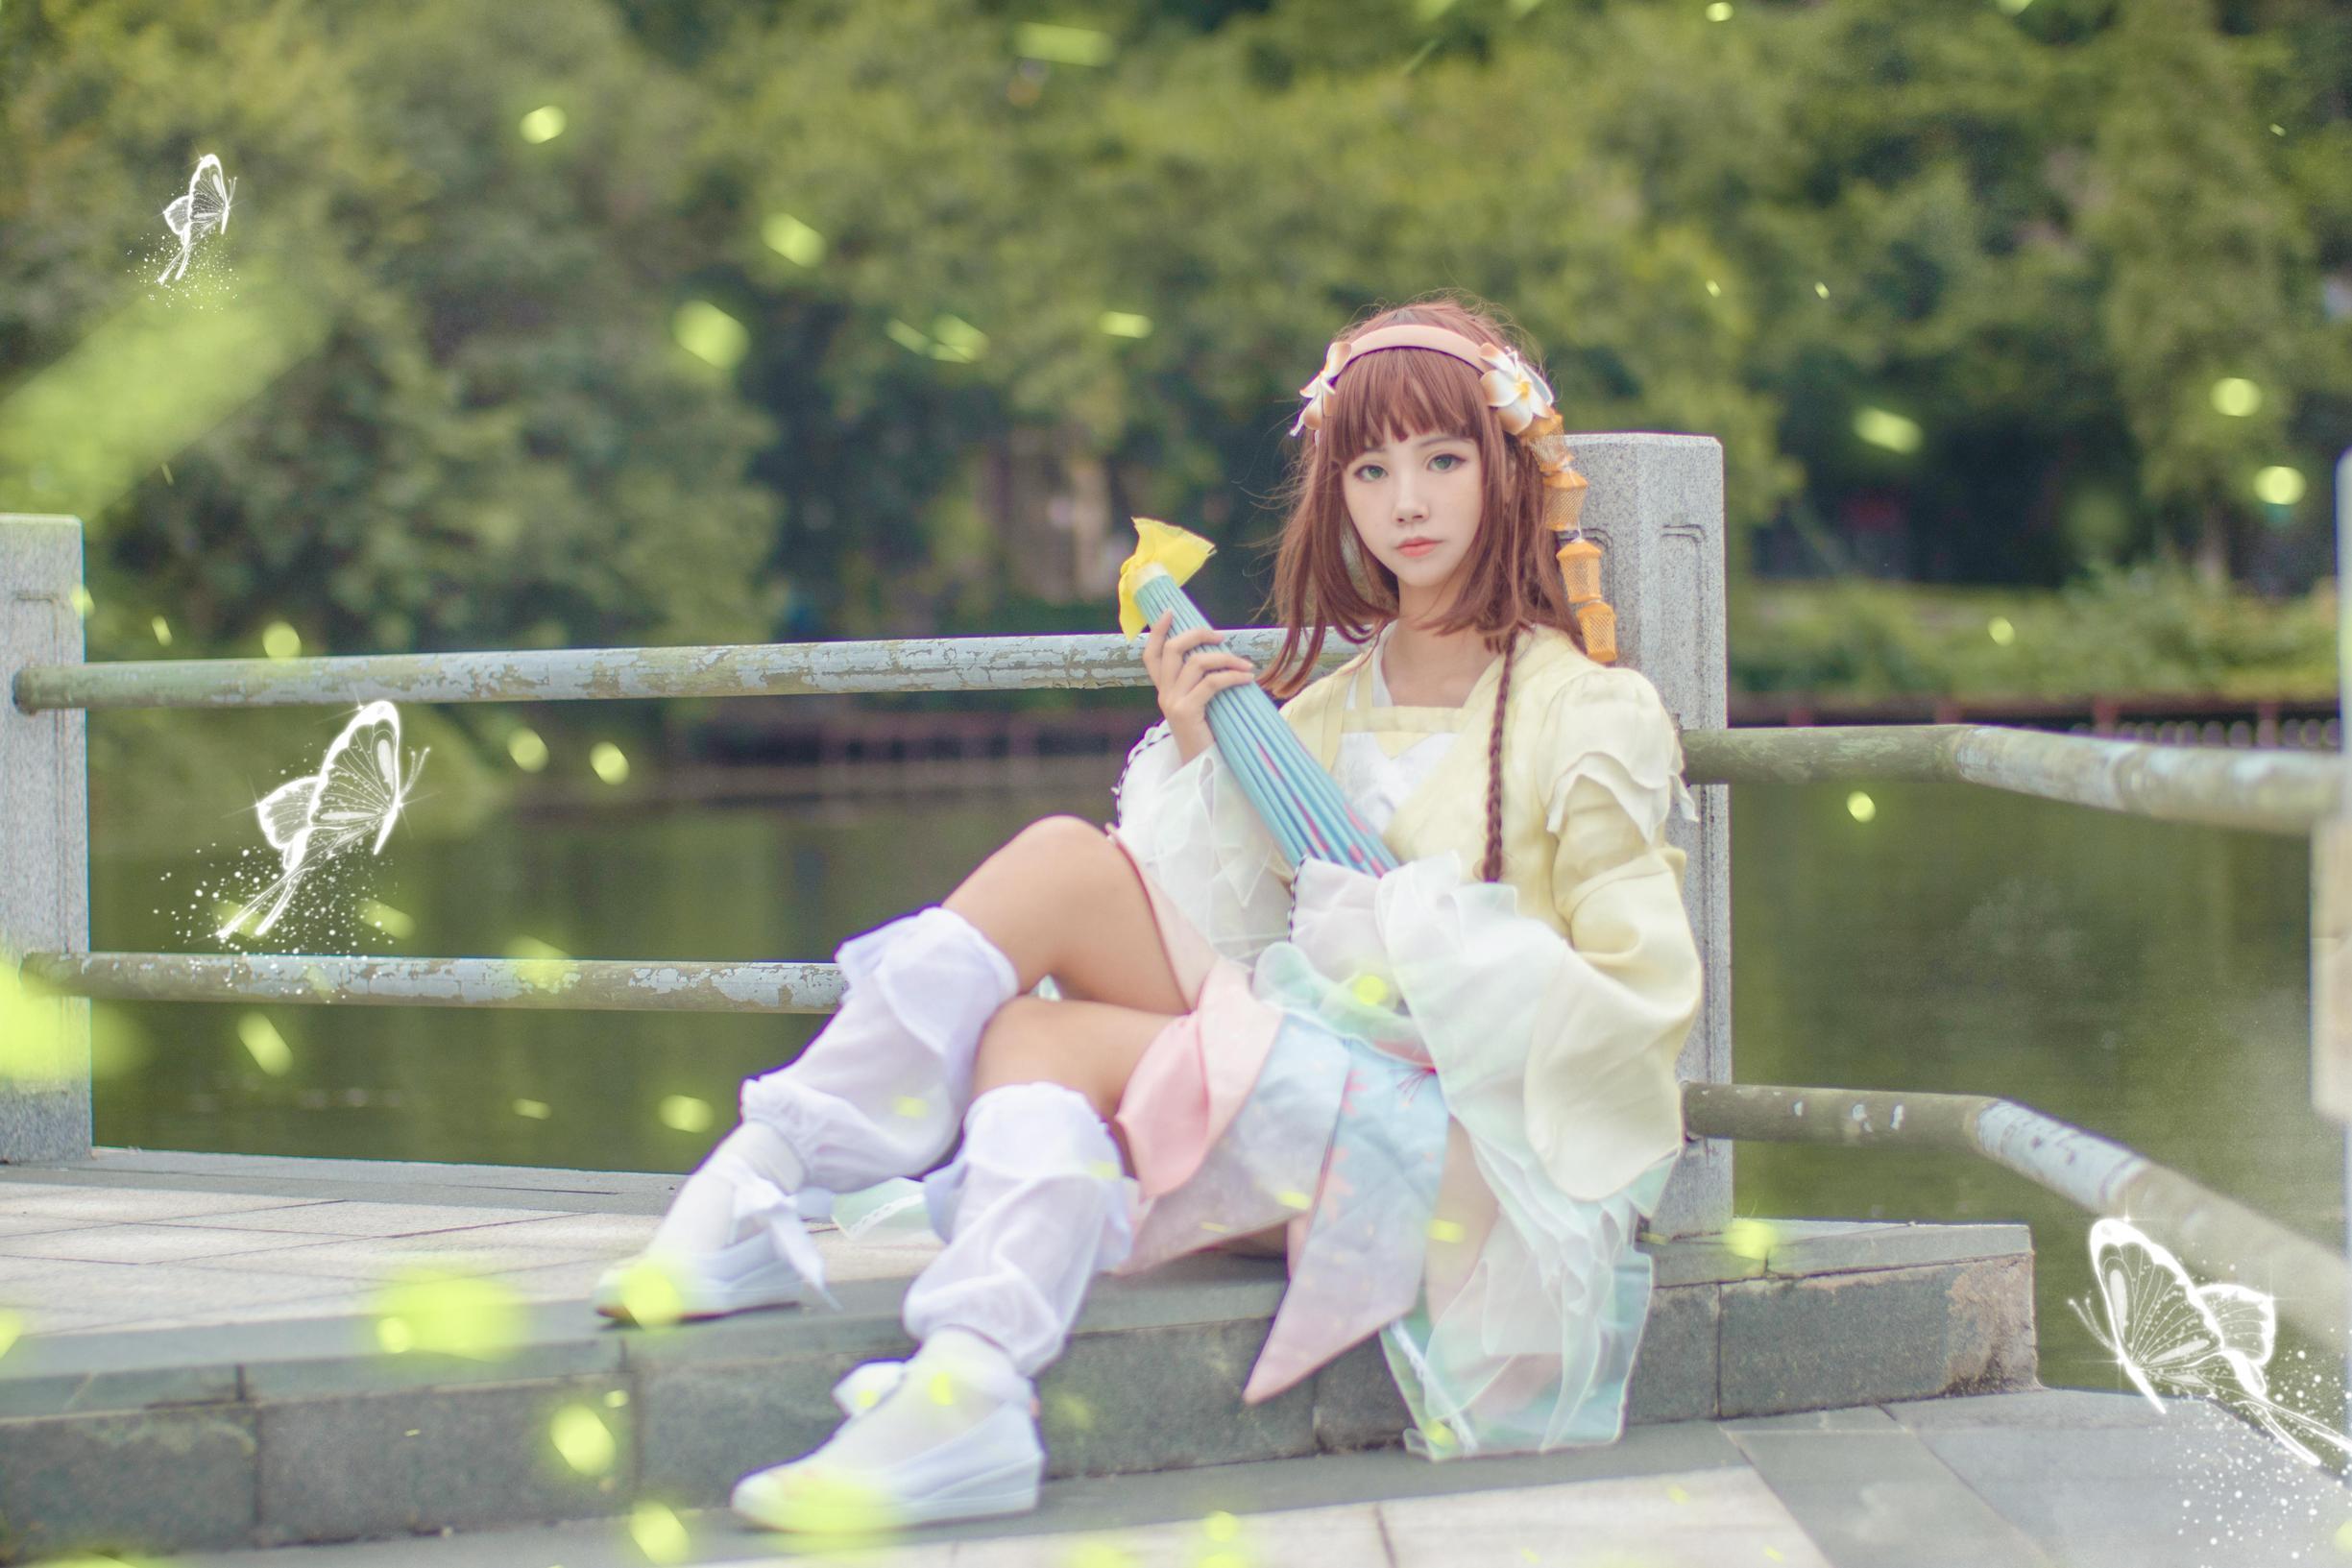 《王者荣耀》正片cosplay【CN:夜玖wine】-第5张